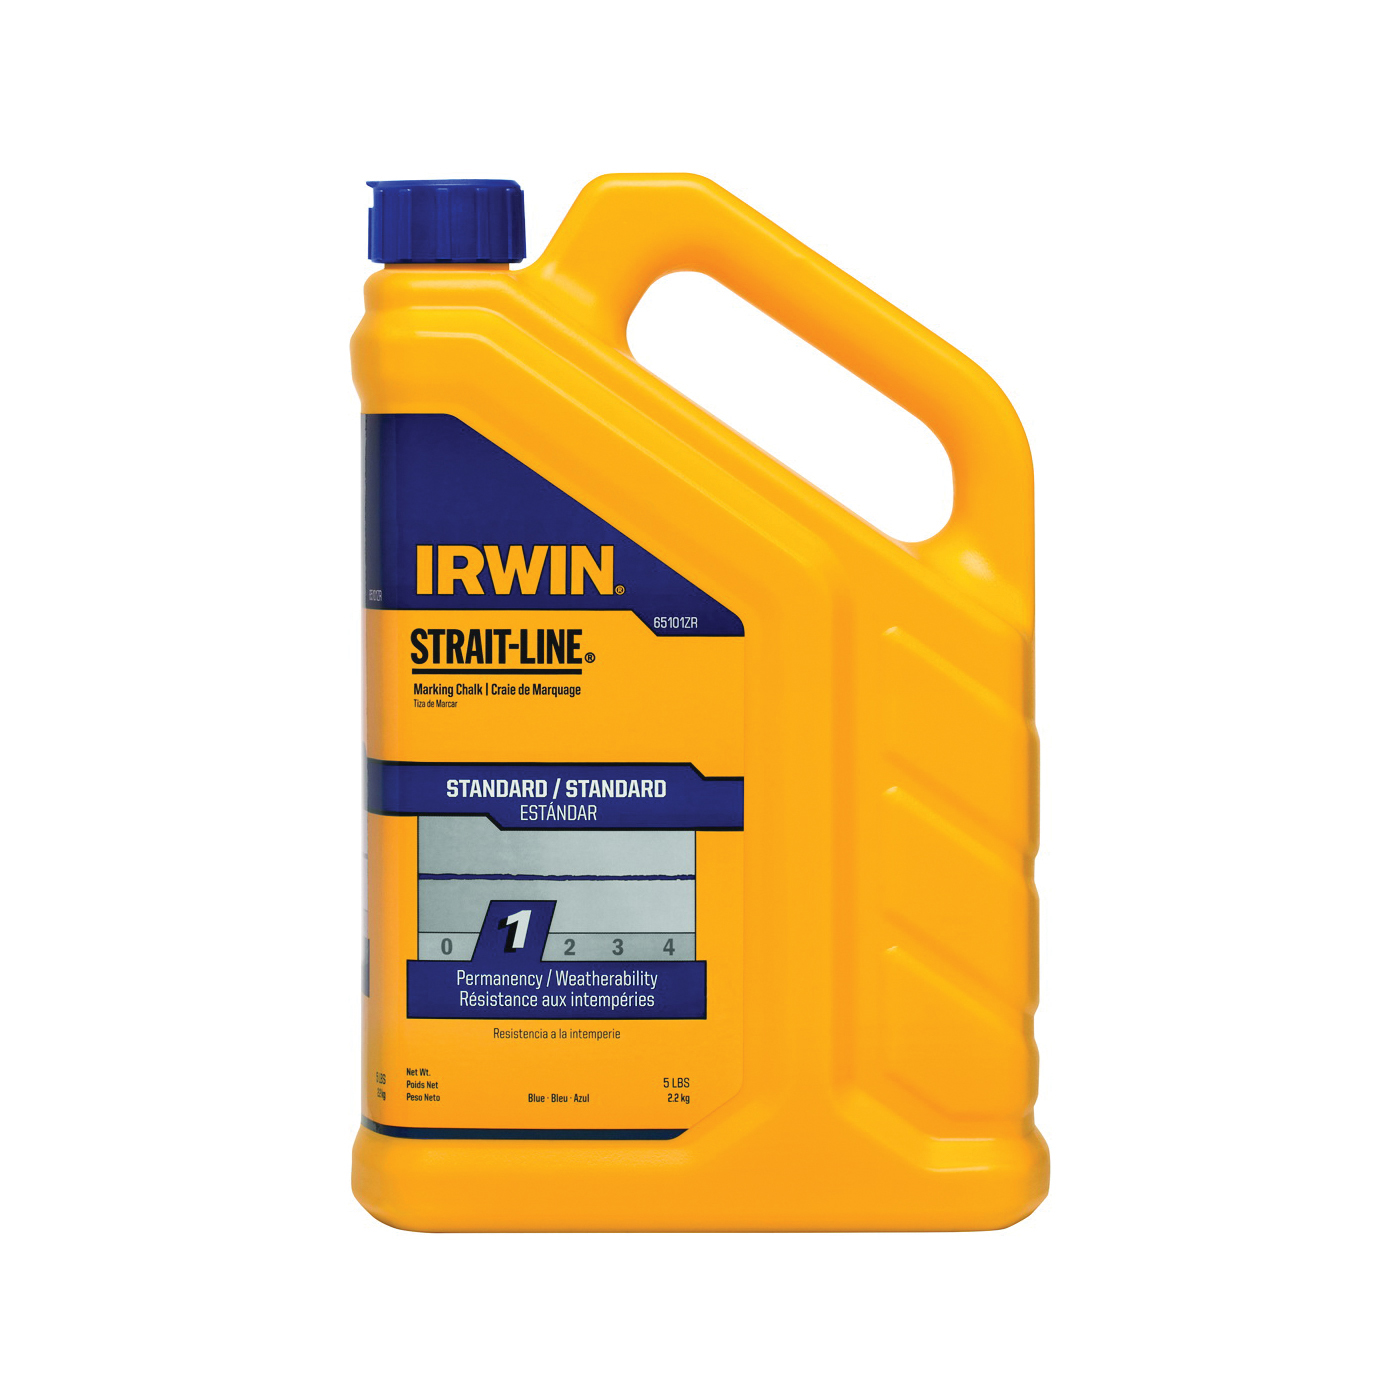 IRWIN 65101ZR